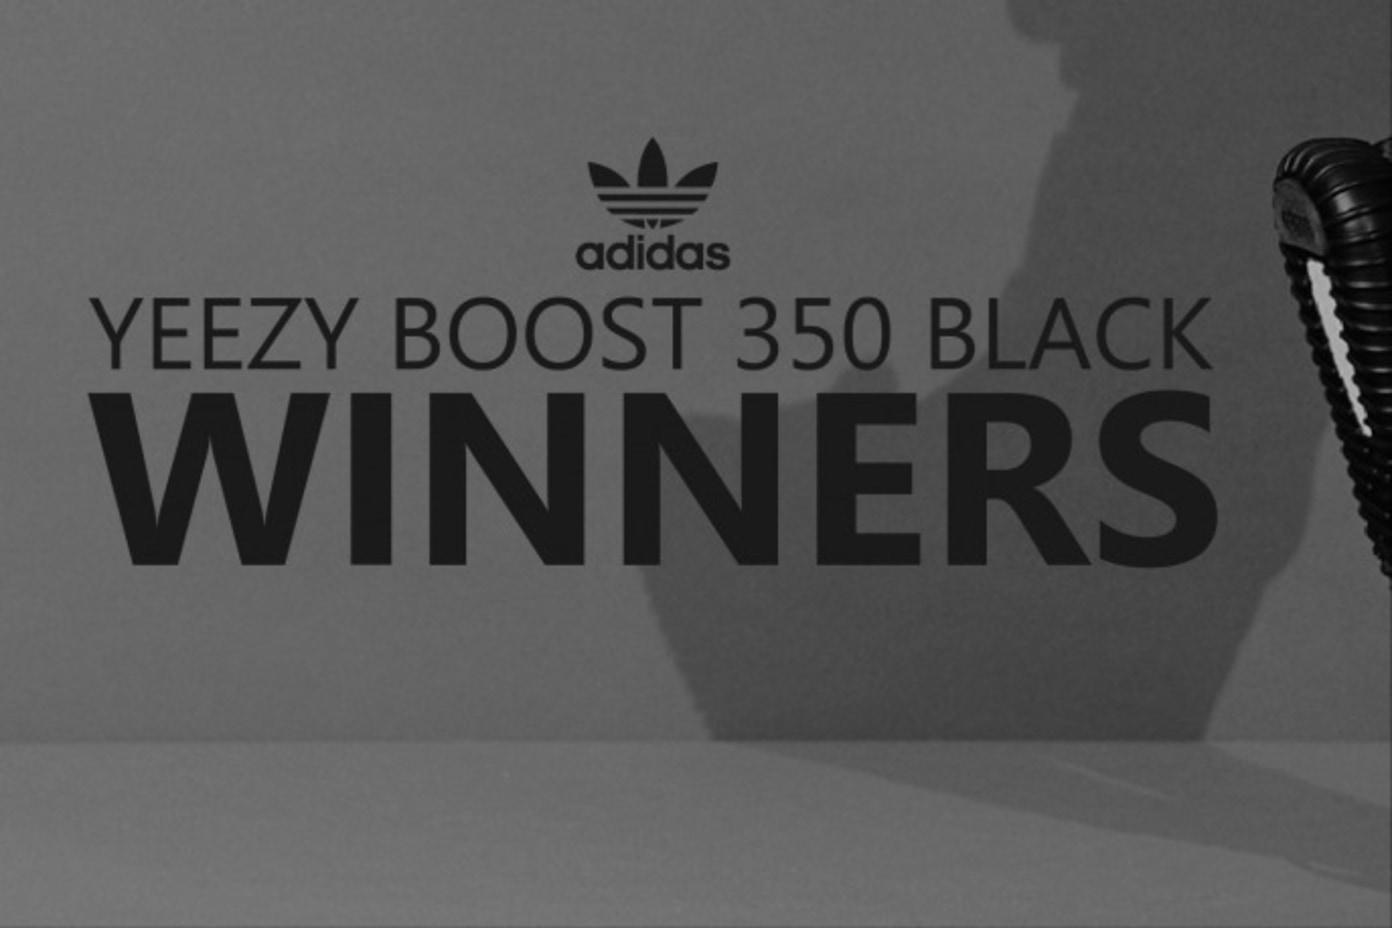 Yeezy Boost 350 Black Online Raffle Winners